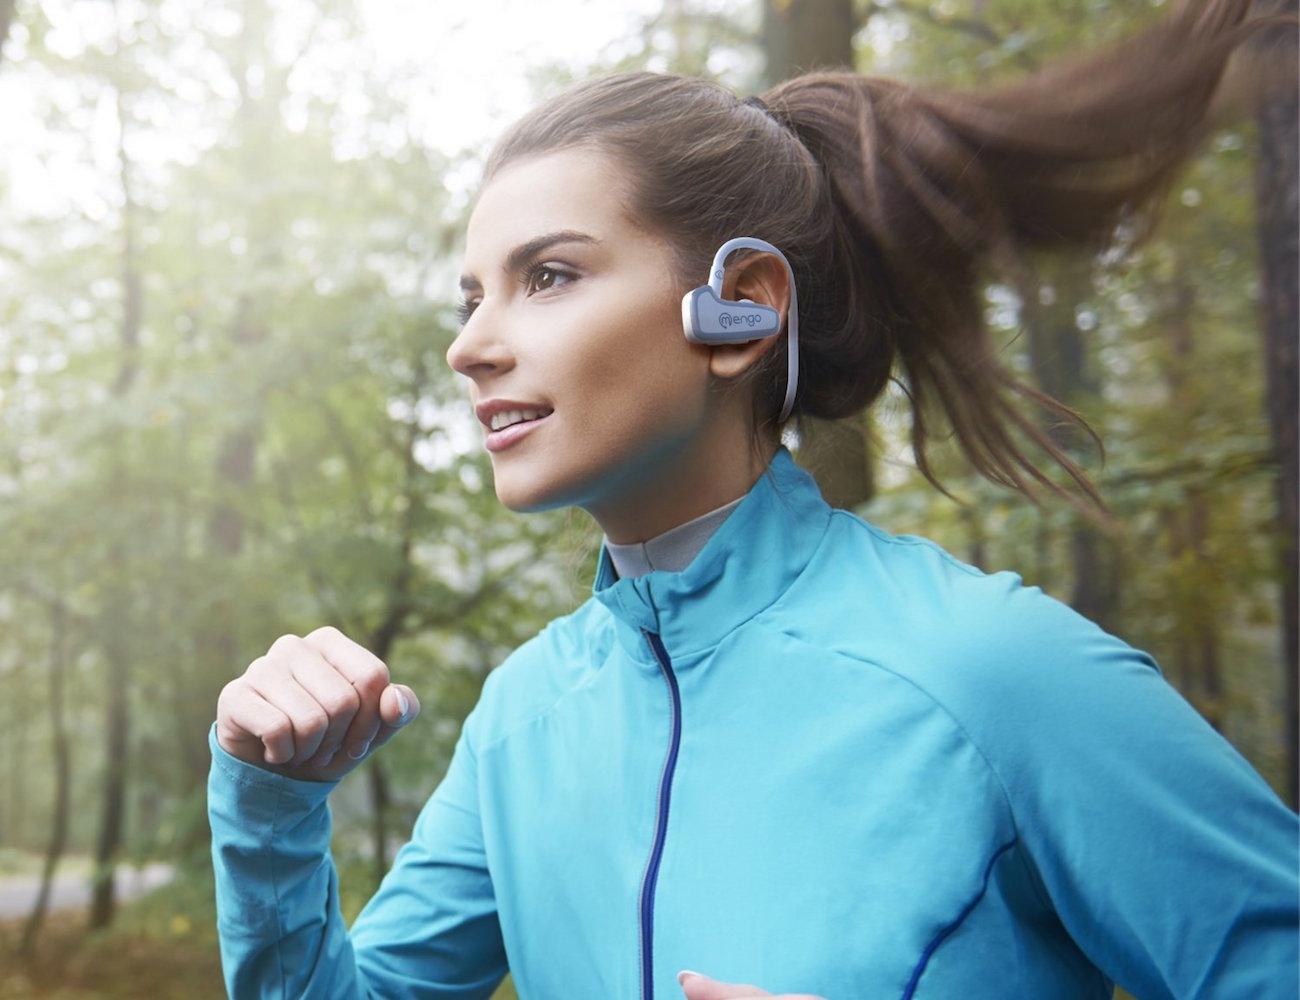 Mengo Bumps Sport Wireless Headphones